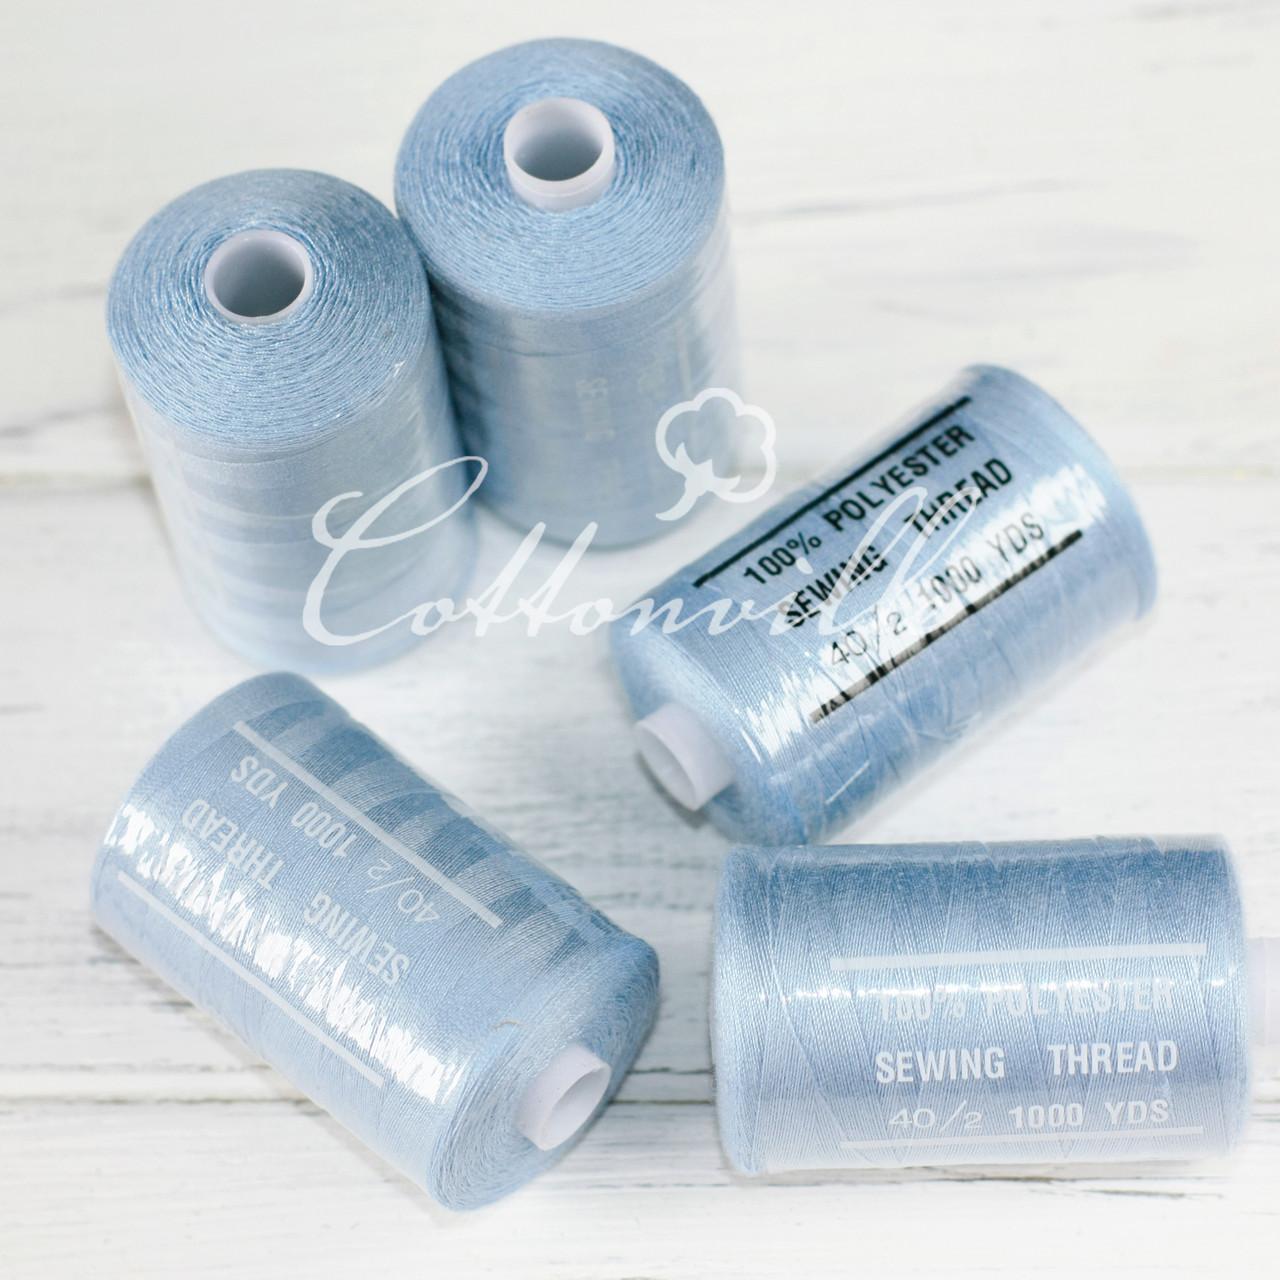 Нитки швейные 40s/2 прочные (1000Y) цвет голубой